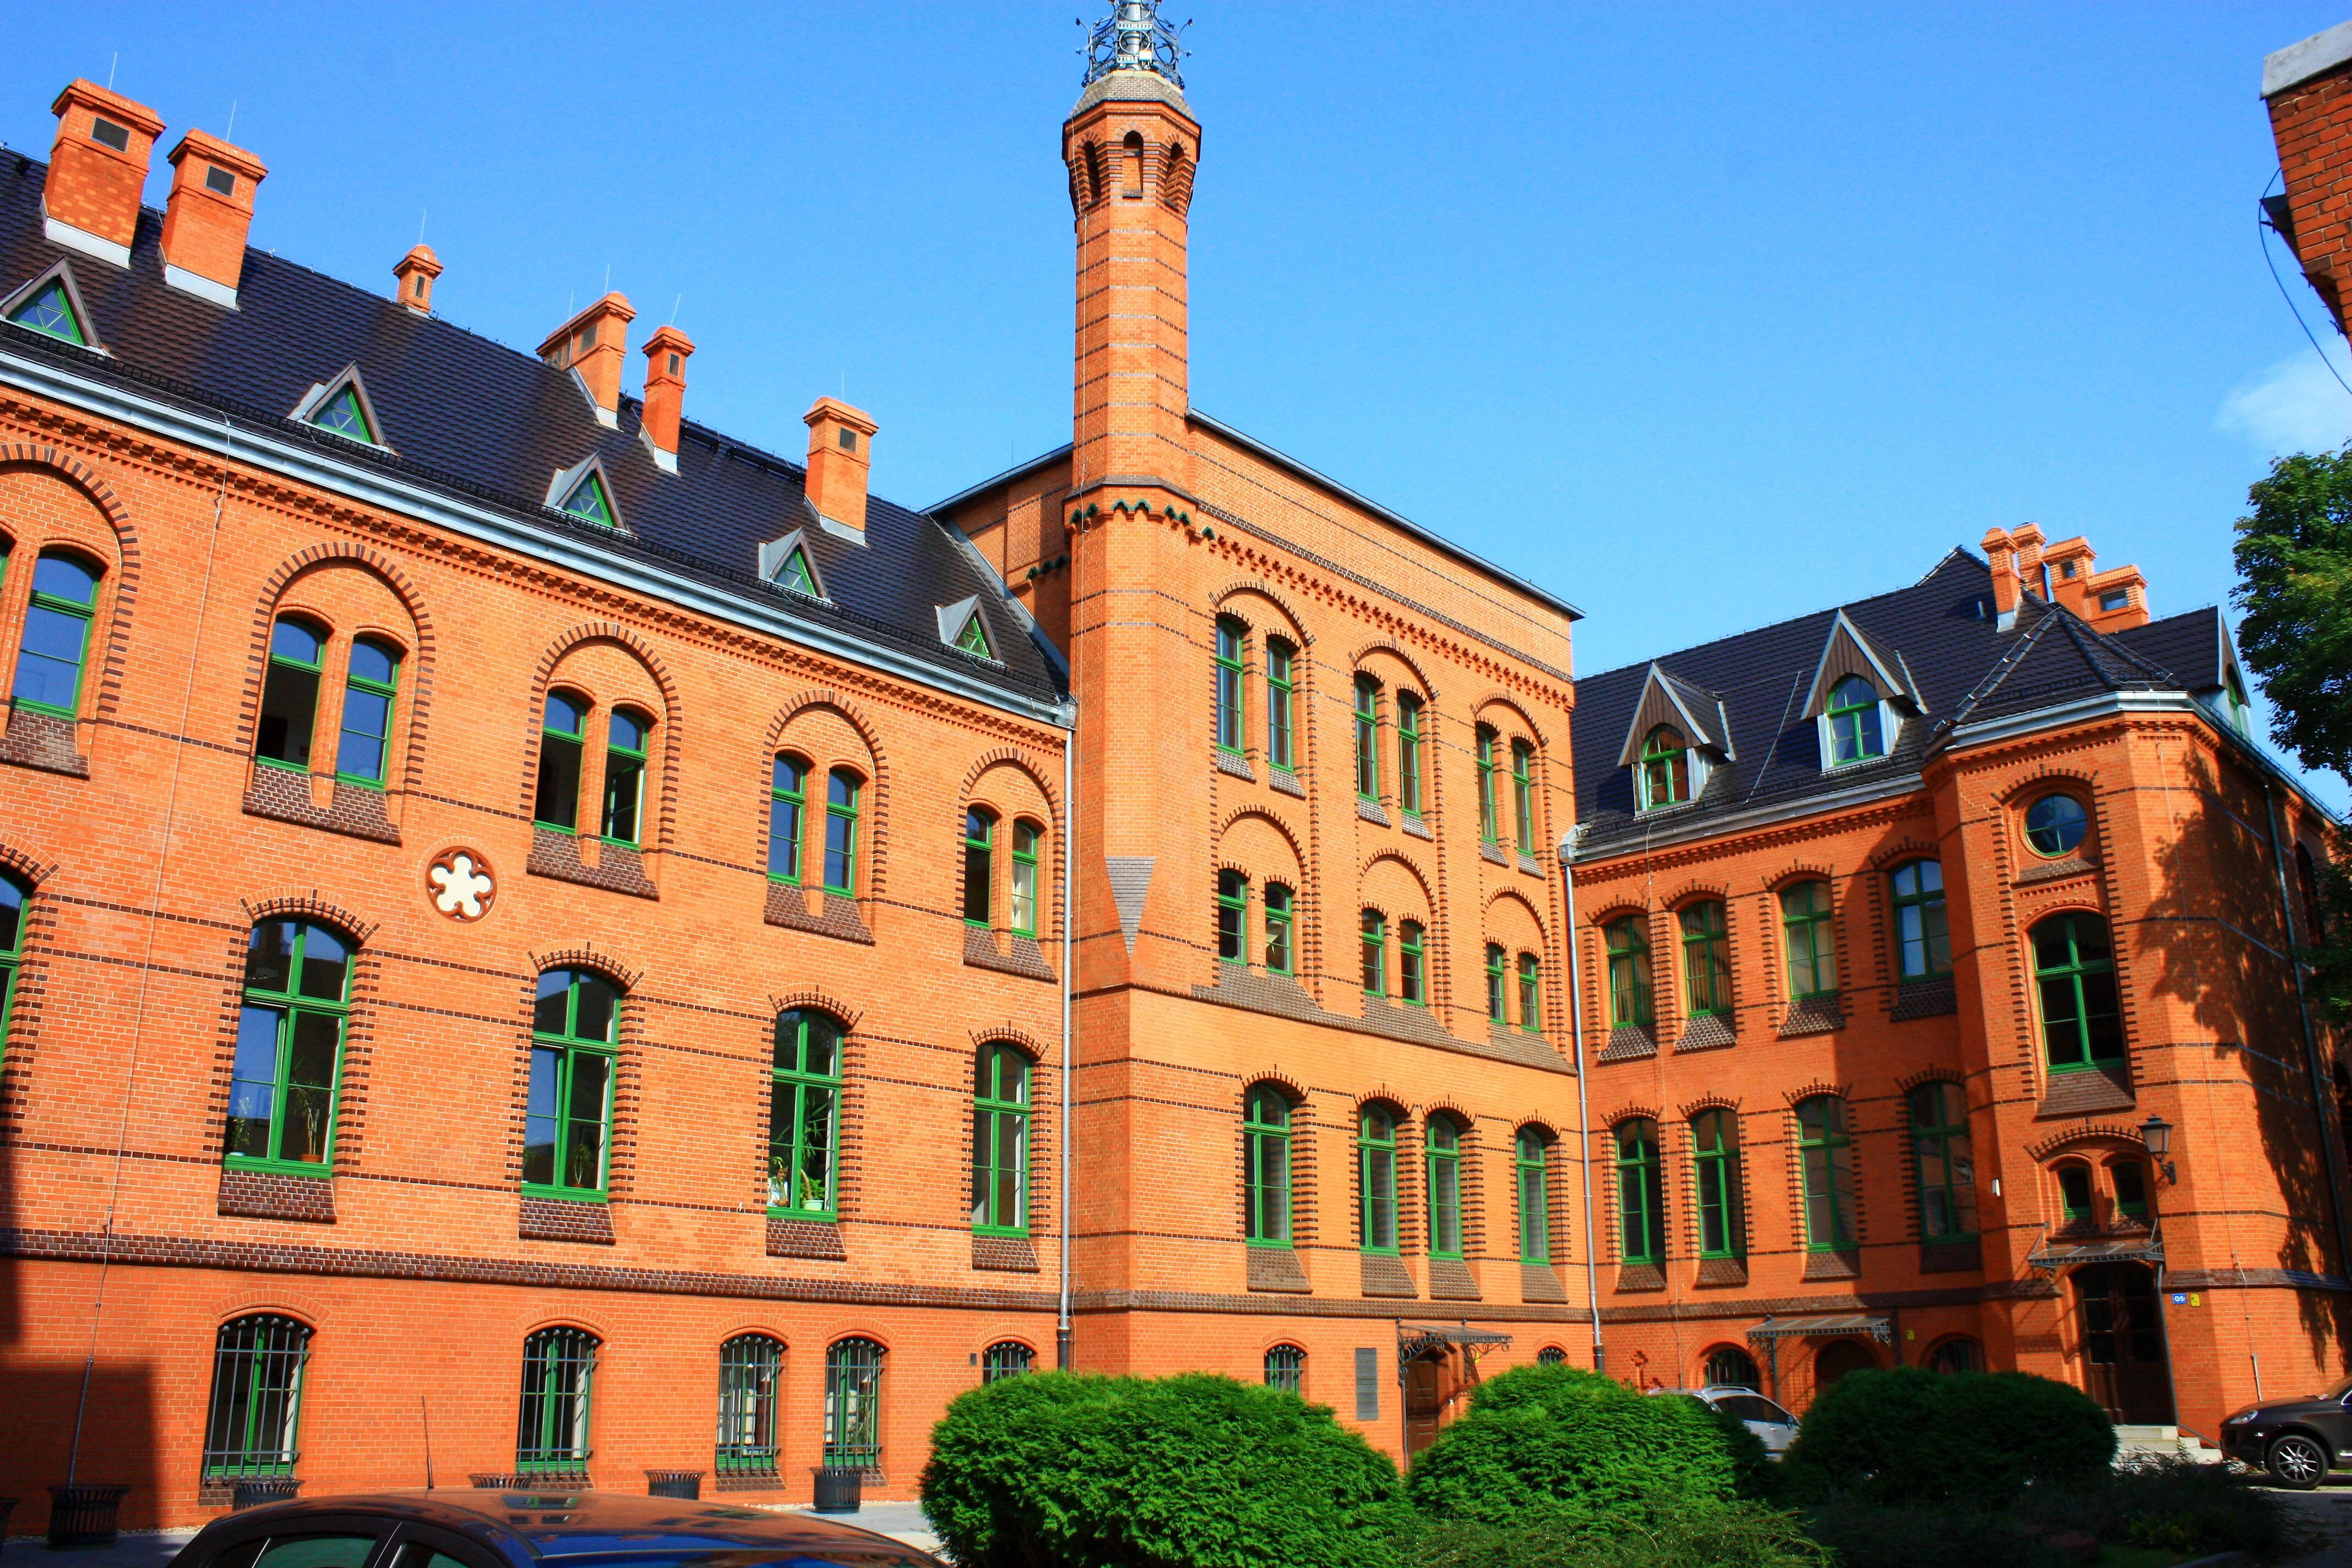 Экономический университет во вроцлаве - университеты польши для украинцев, стоимость обучения | освитаполь